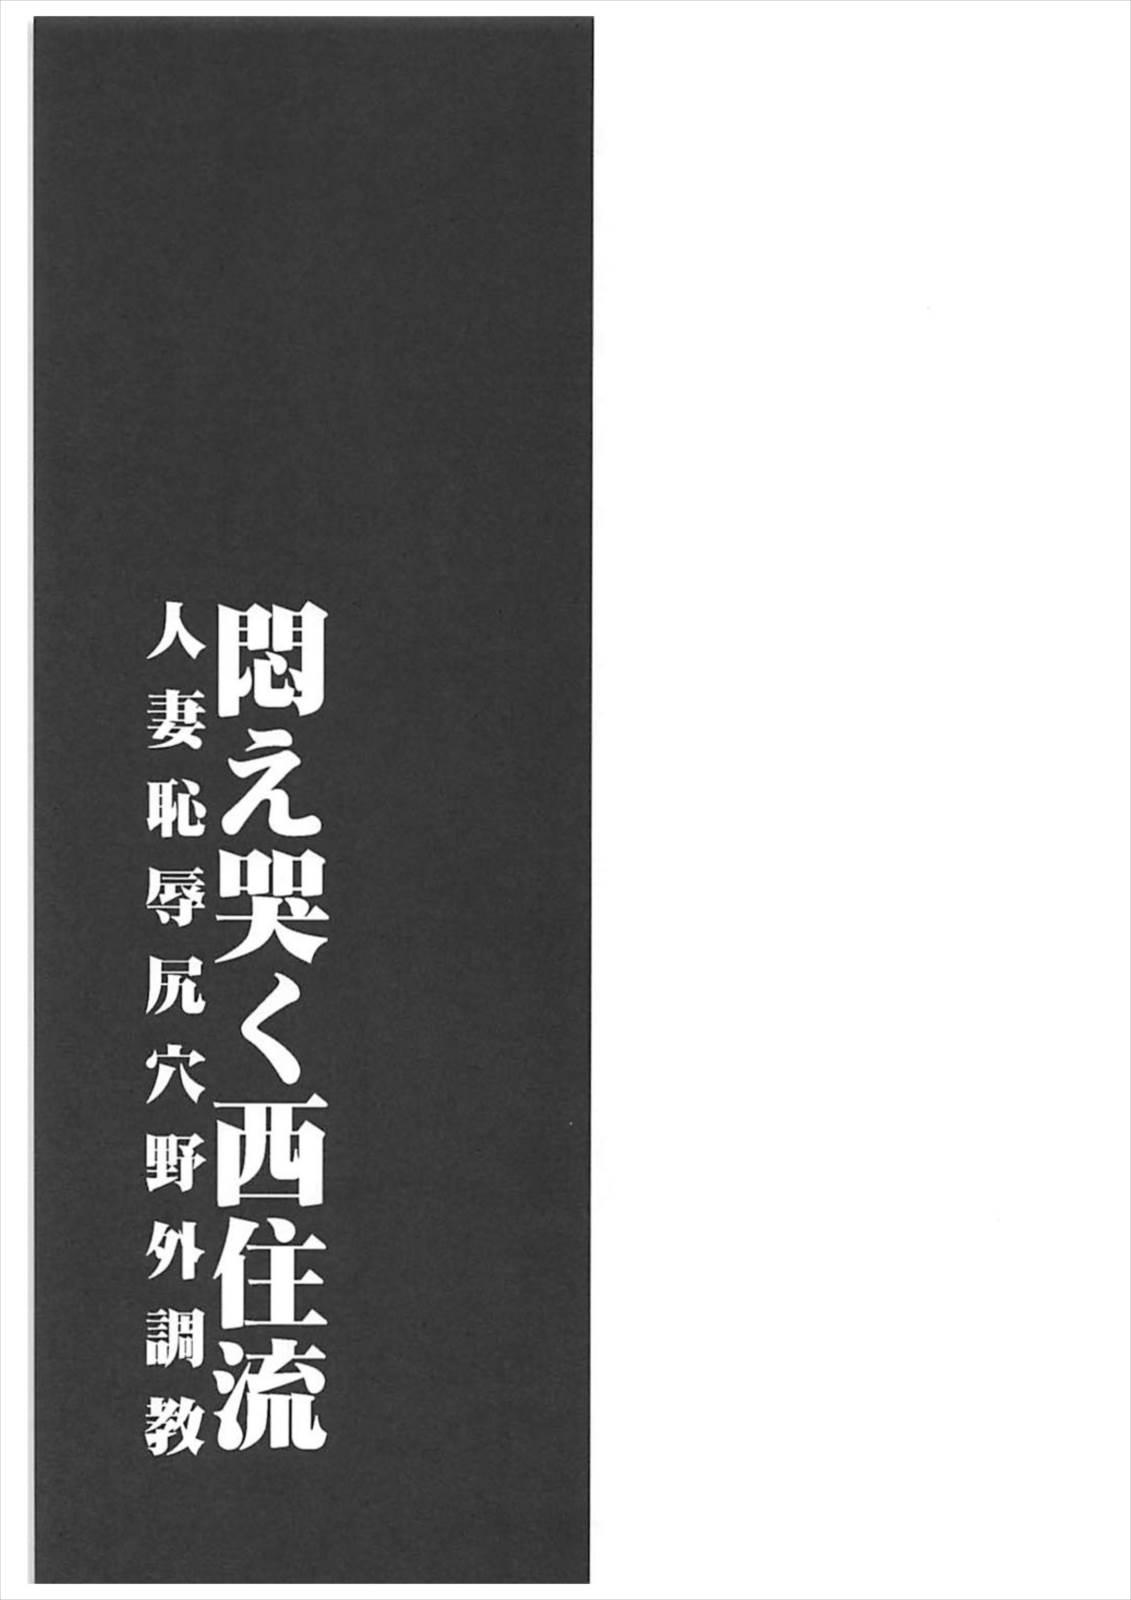 Modae Naku Nishizumi-ryuu Hitozuma Chijoku Shiriana Yagai Choukyou 31